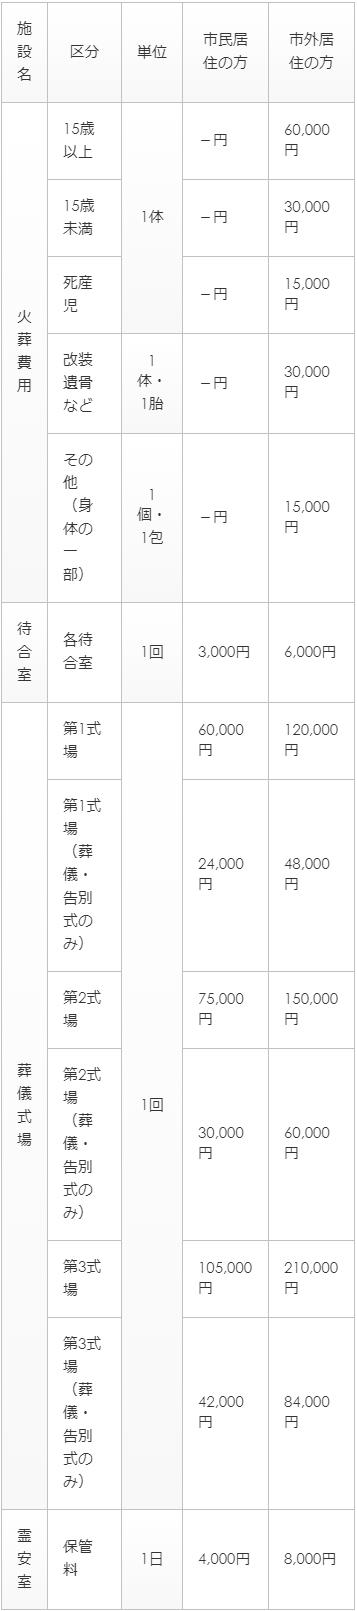 上尾伊奈斎場つつじ苑のご利用料金表